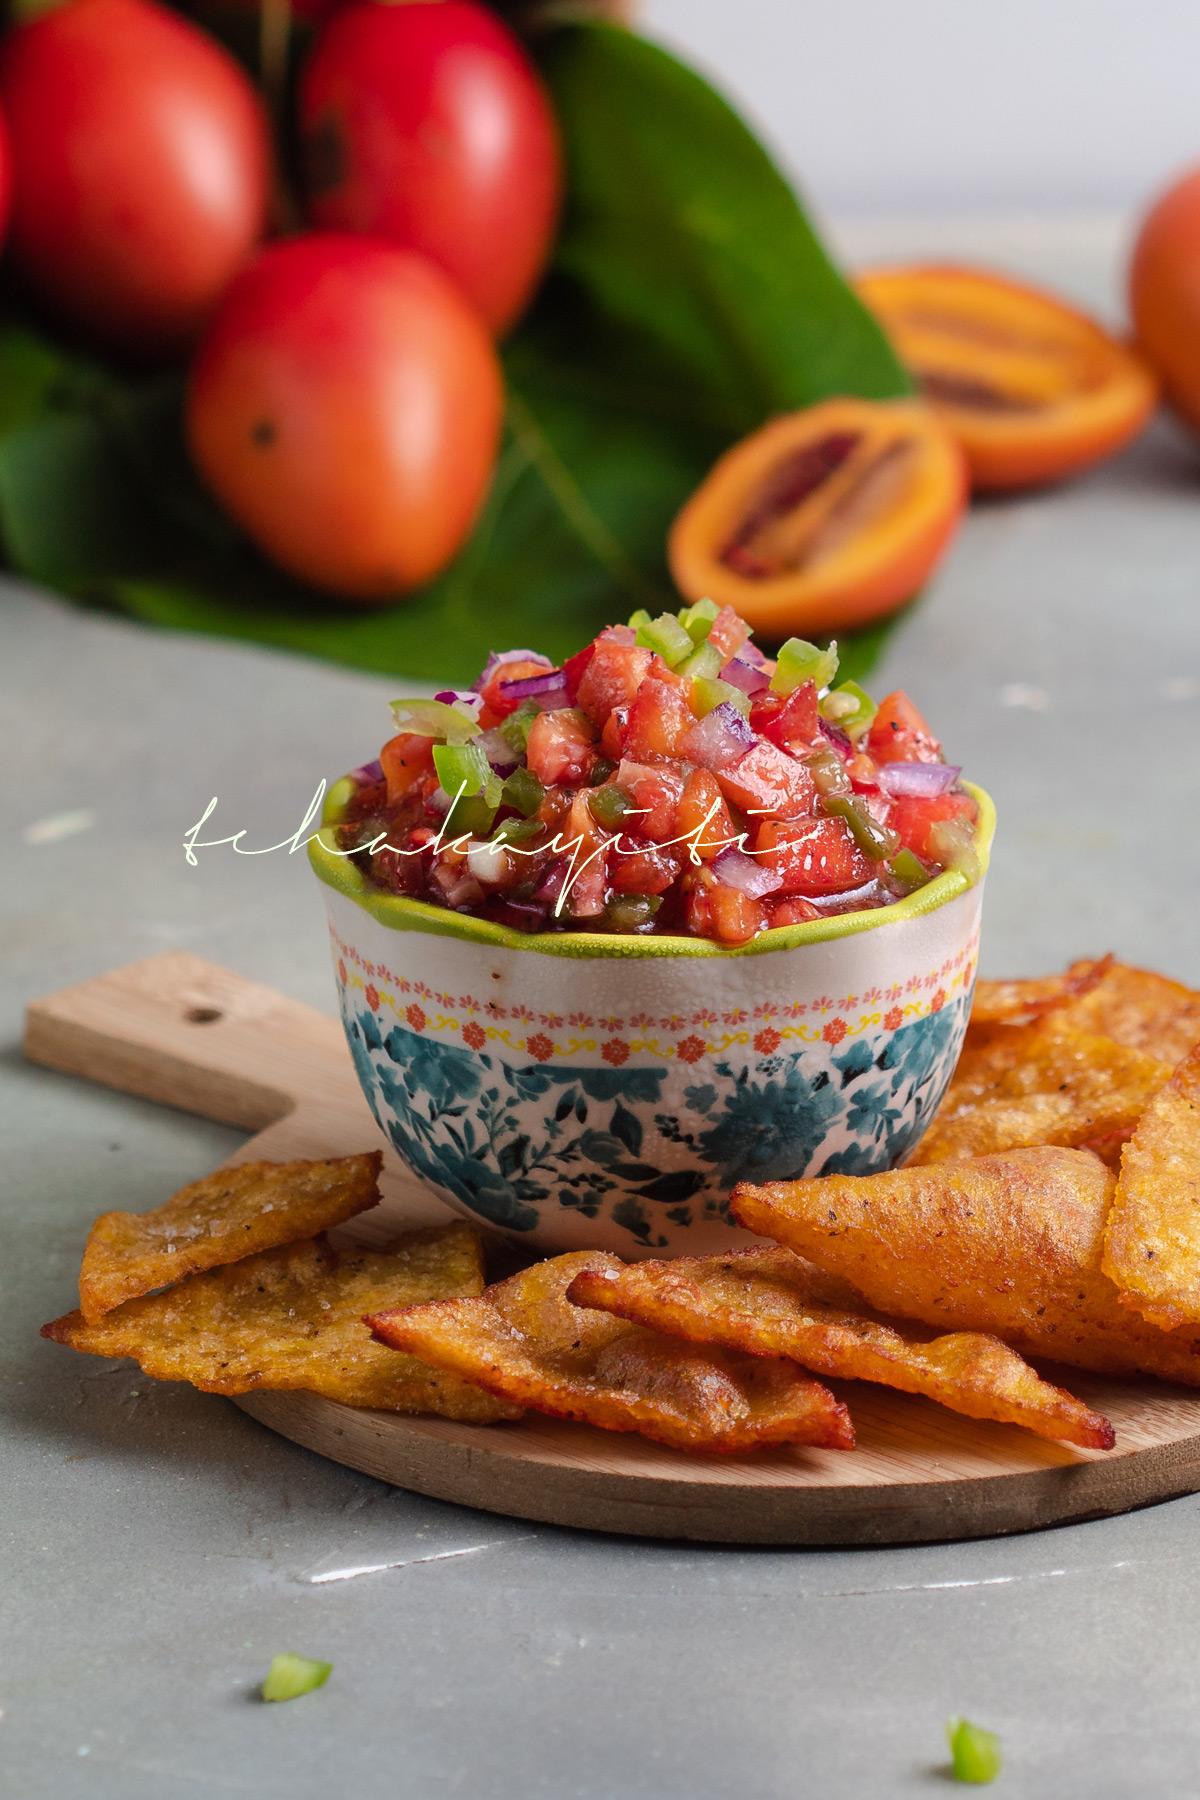 Tamarillos salsa, a mixture of chopped tamarillo, ripe and green tomatoes. | tchakayiti.com